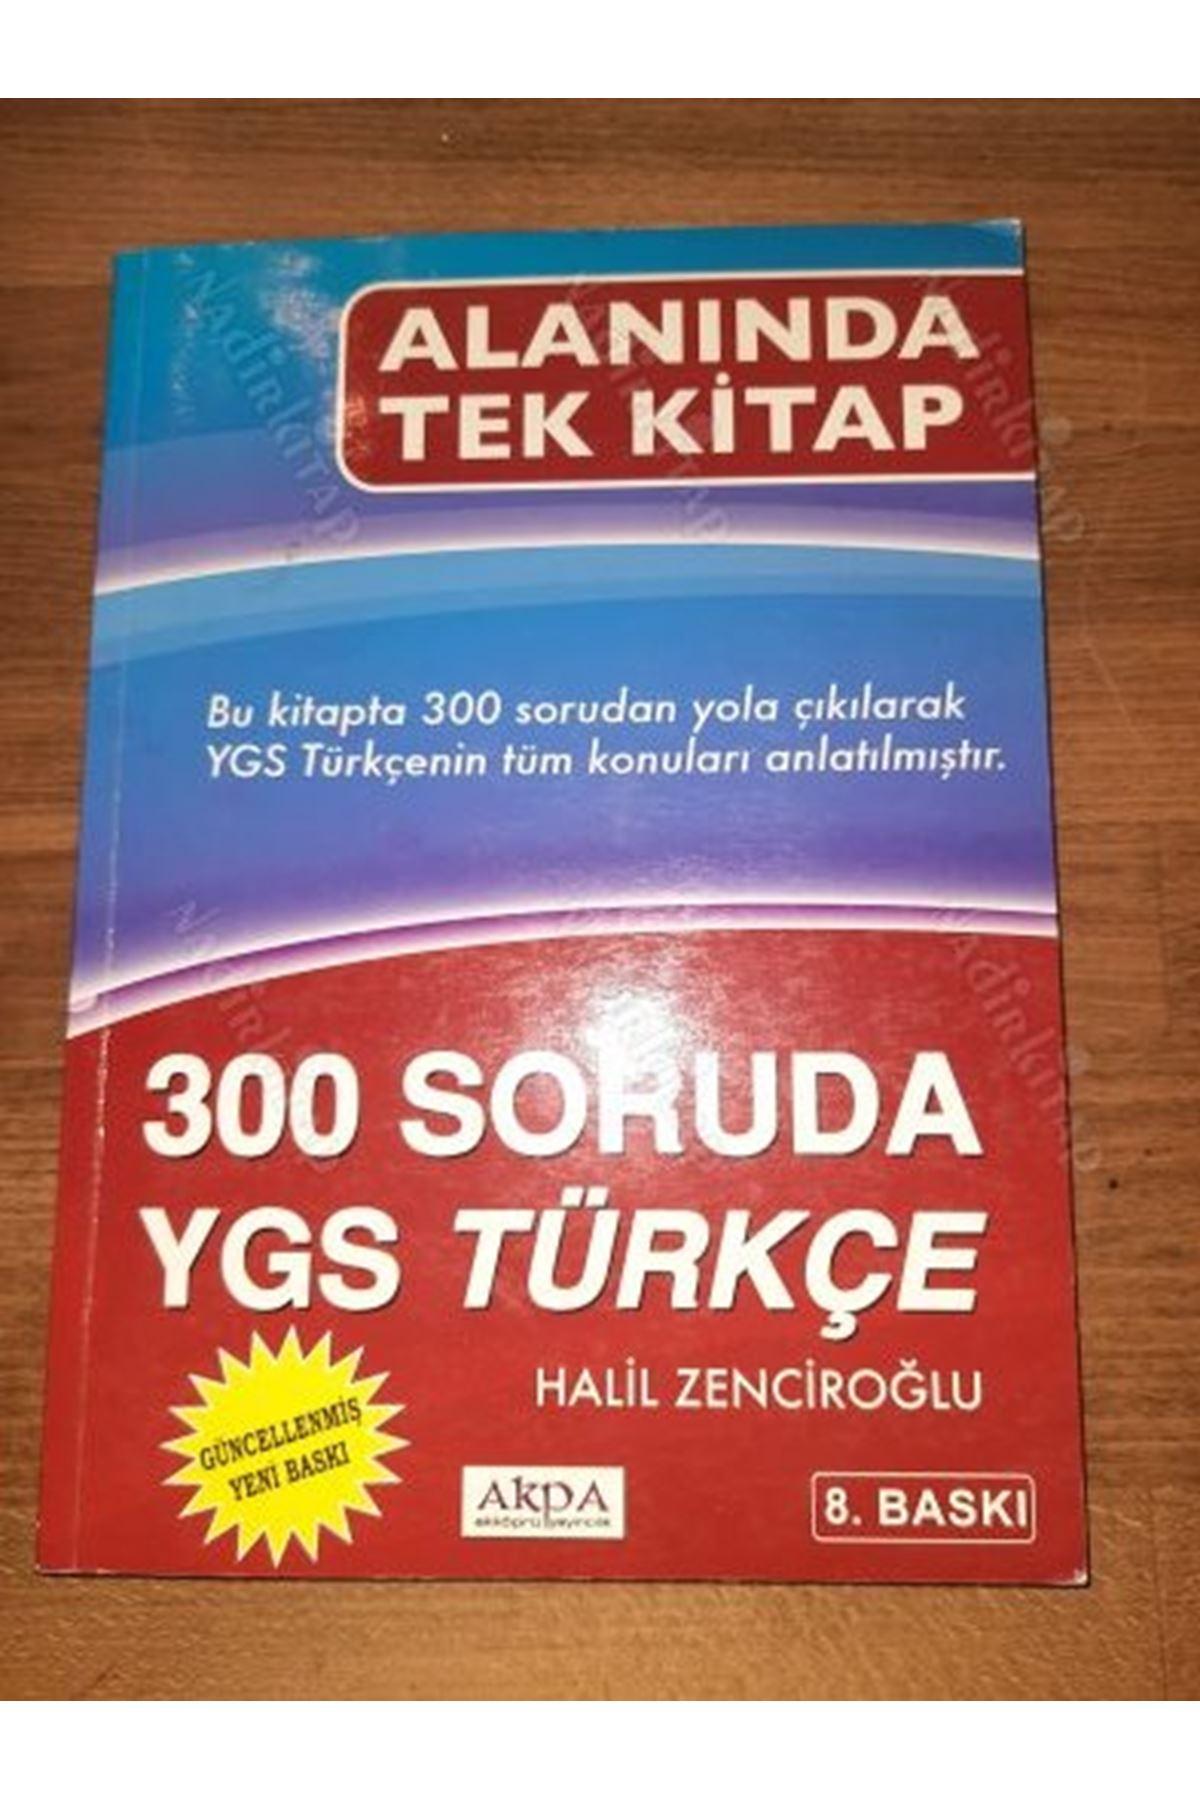 HALİL ZENCİROĞLU - 300 SORUDA YGS TÜRKÇE